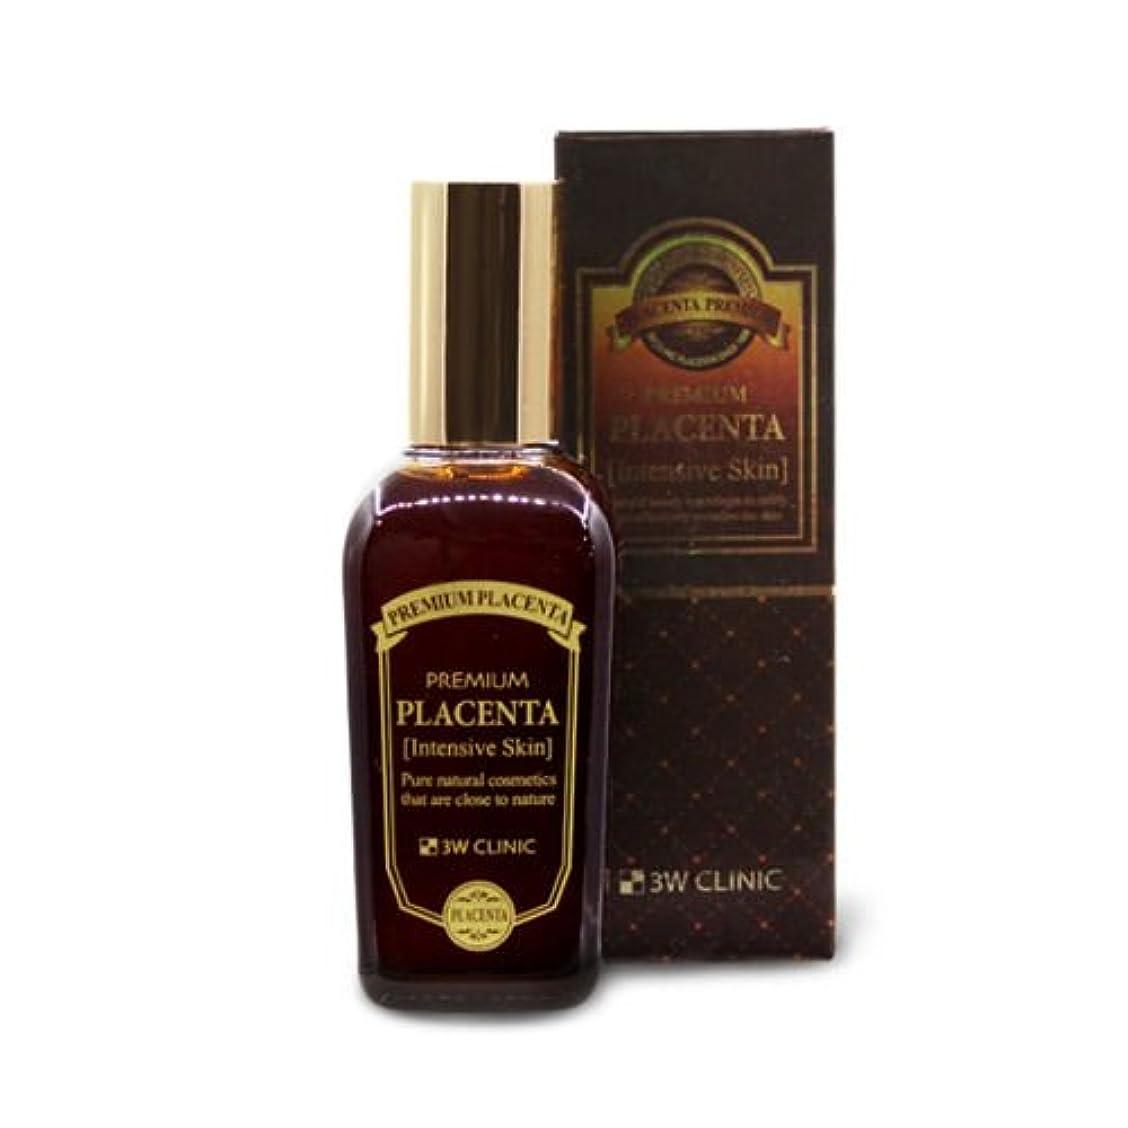 異議バーモデレータ3Wクリニック[韓国コスメ3w Clinic]Premium Placenta Intensive Skin プレミアムプラセンタインテンシブスキン145ml[並行輸入品]